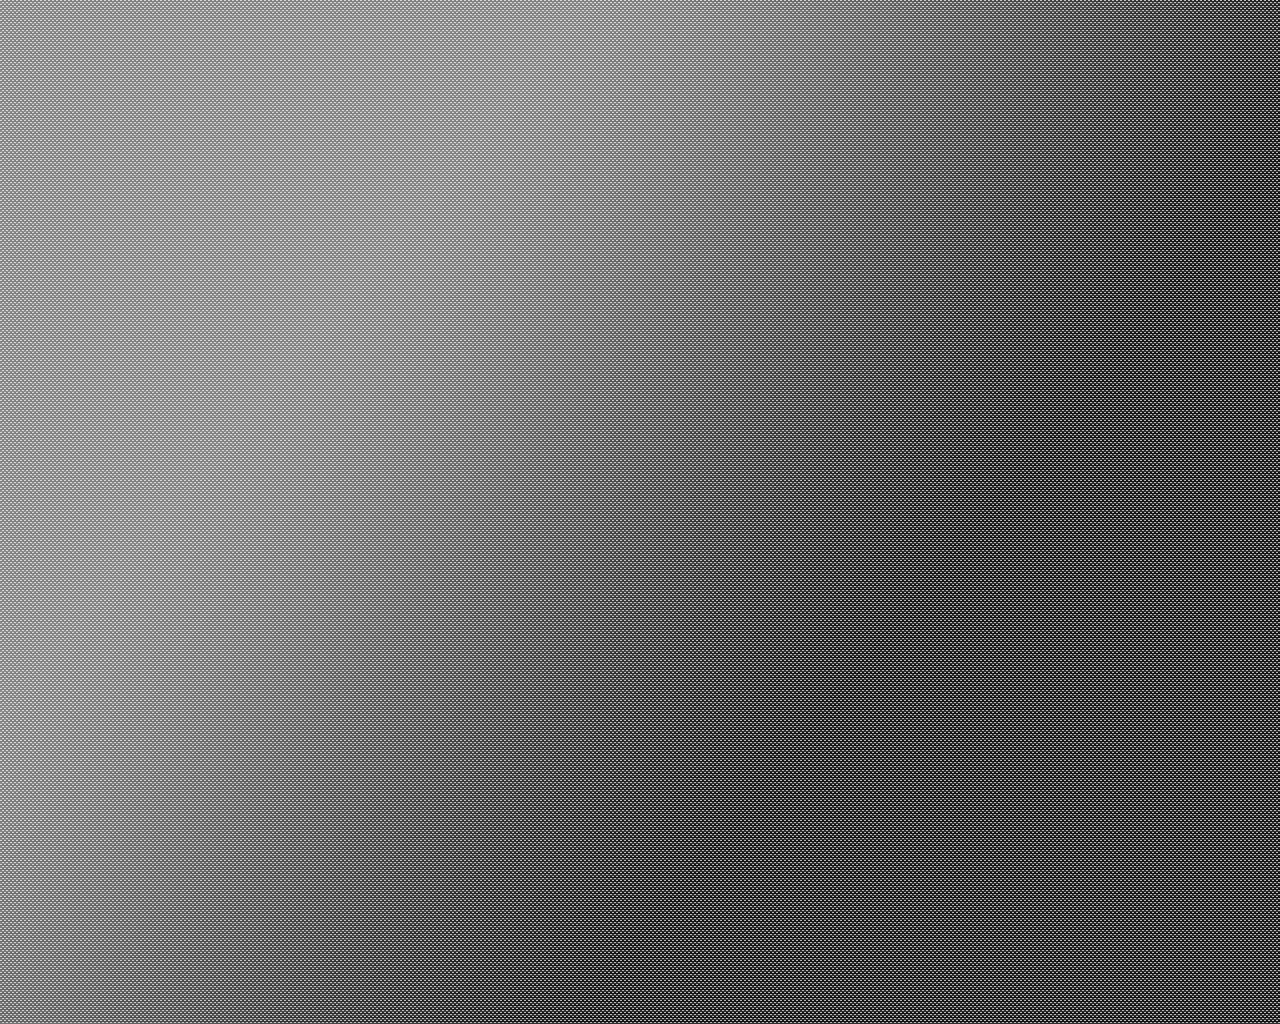 Carbnon Fiber Texture